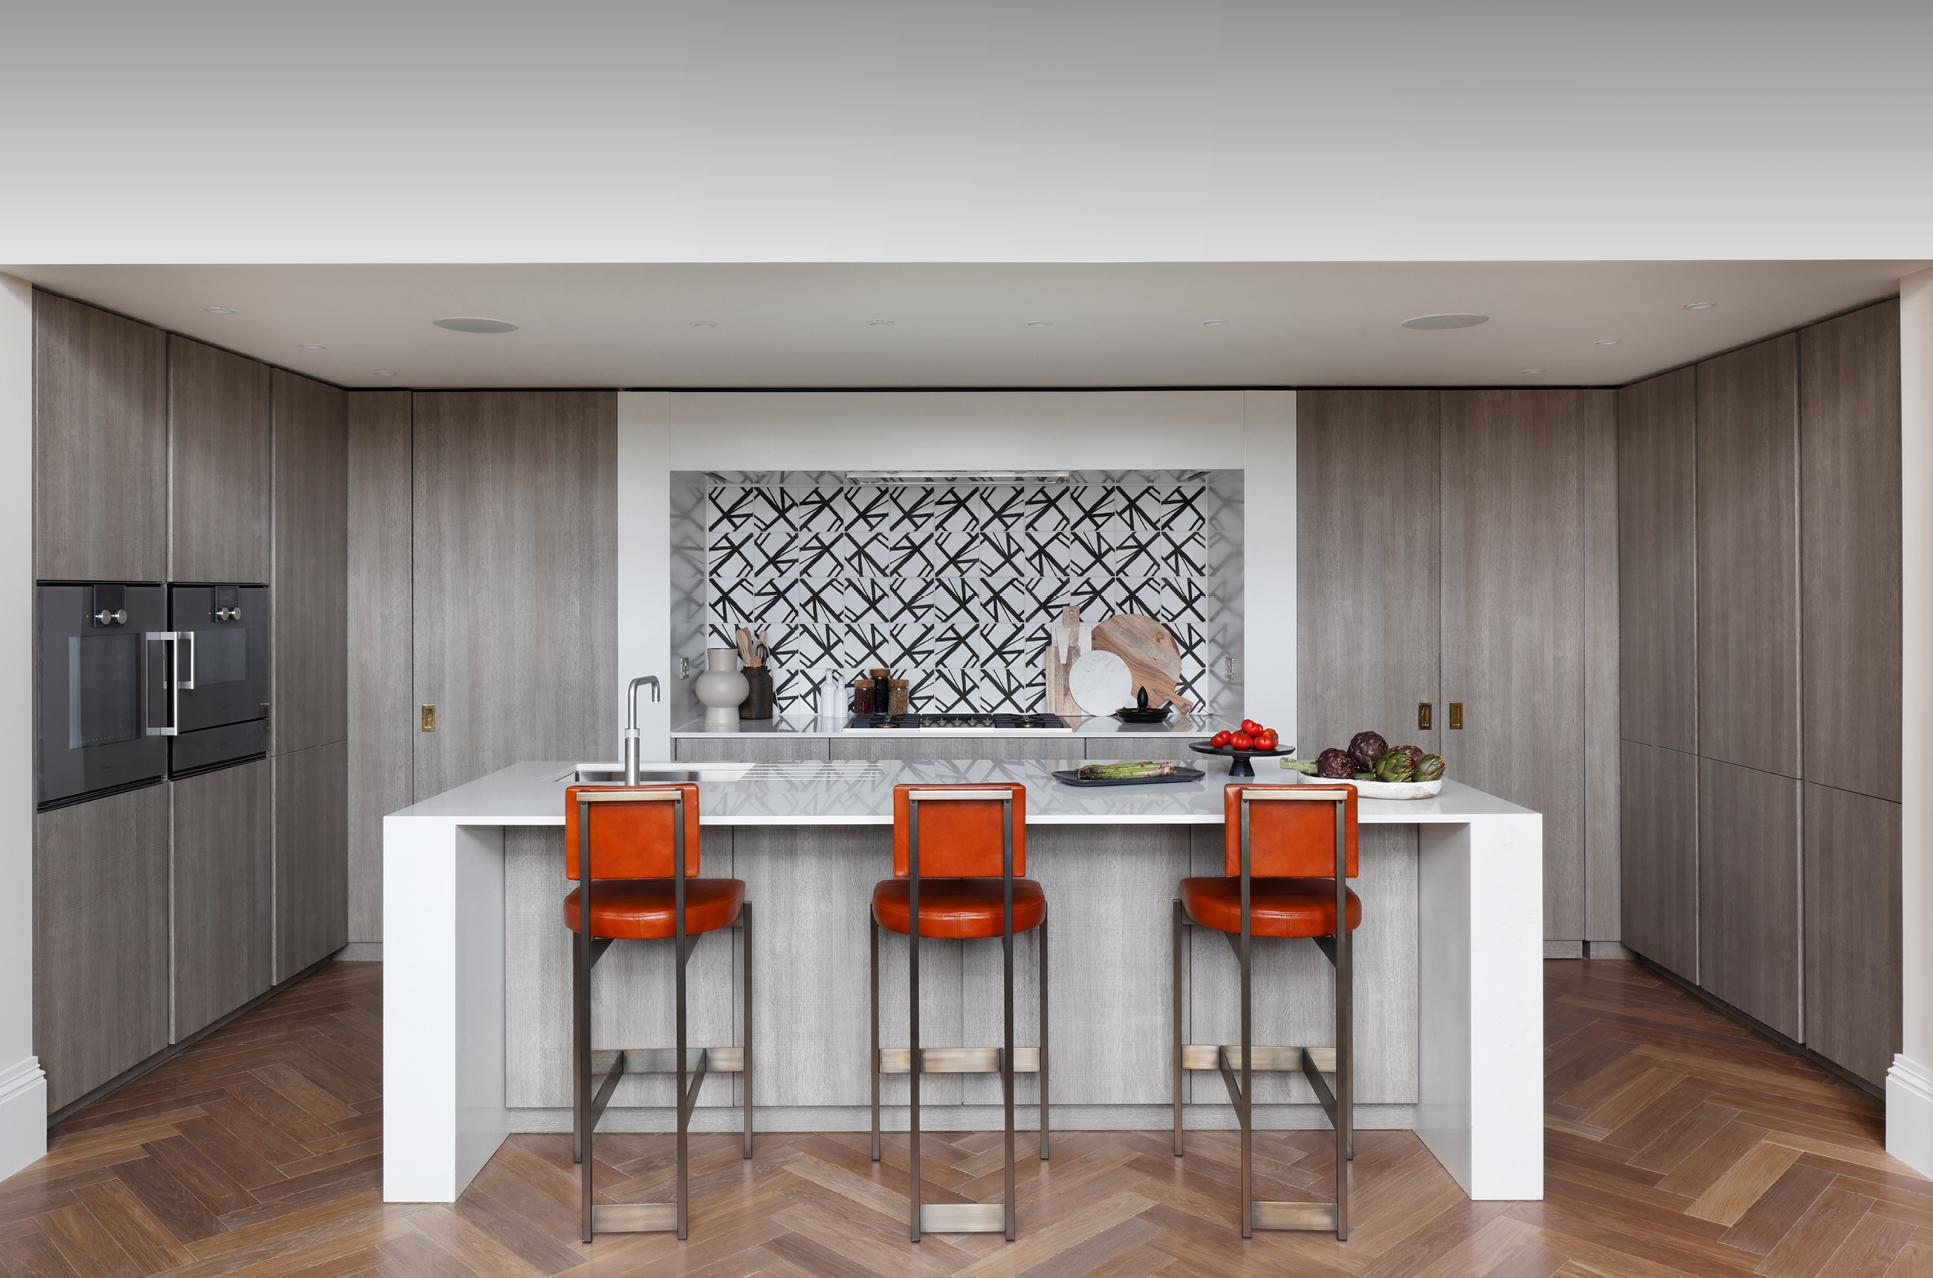 Kube Kitchens Wardrobes Furniture UK